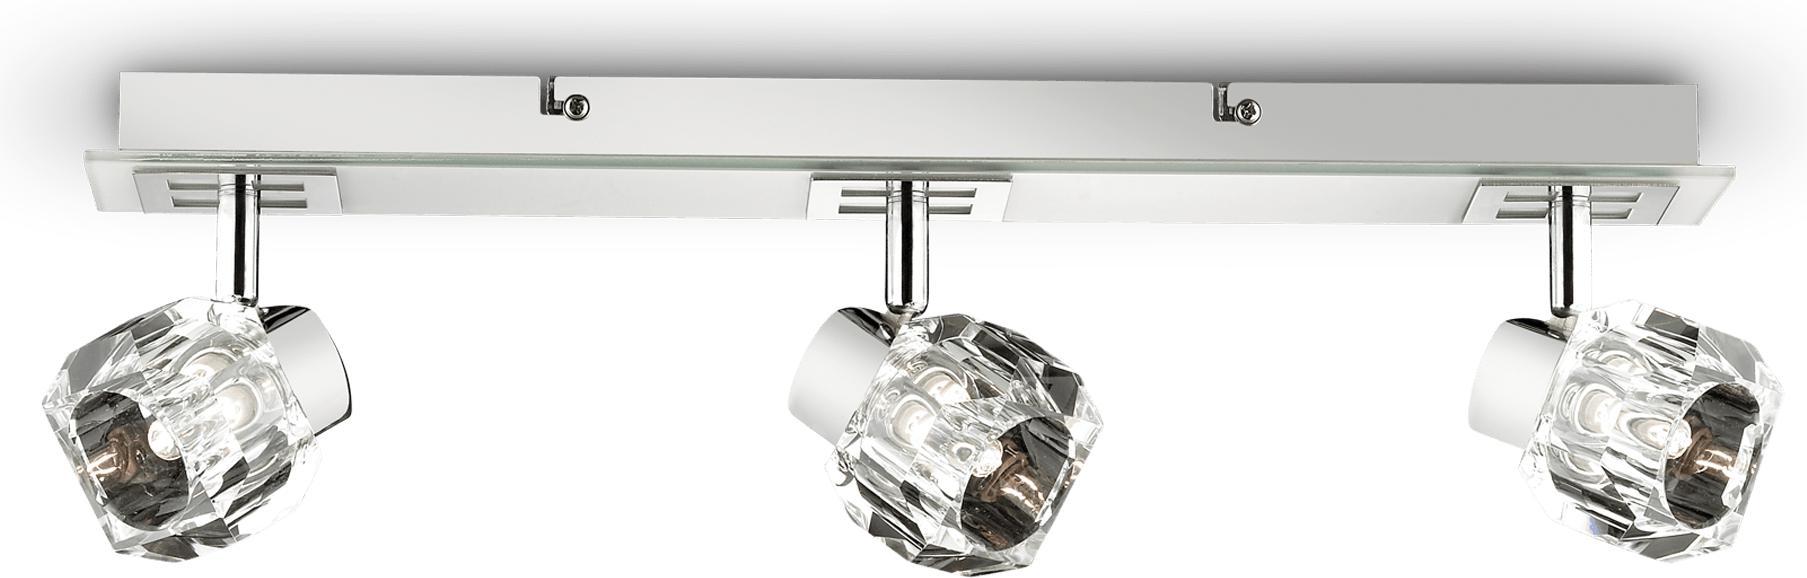 Ideal lux LED Nostalgia haengende Lampe 3x4,5W 77956